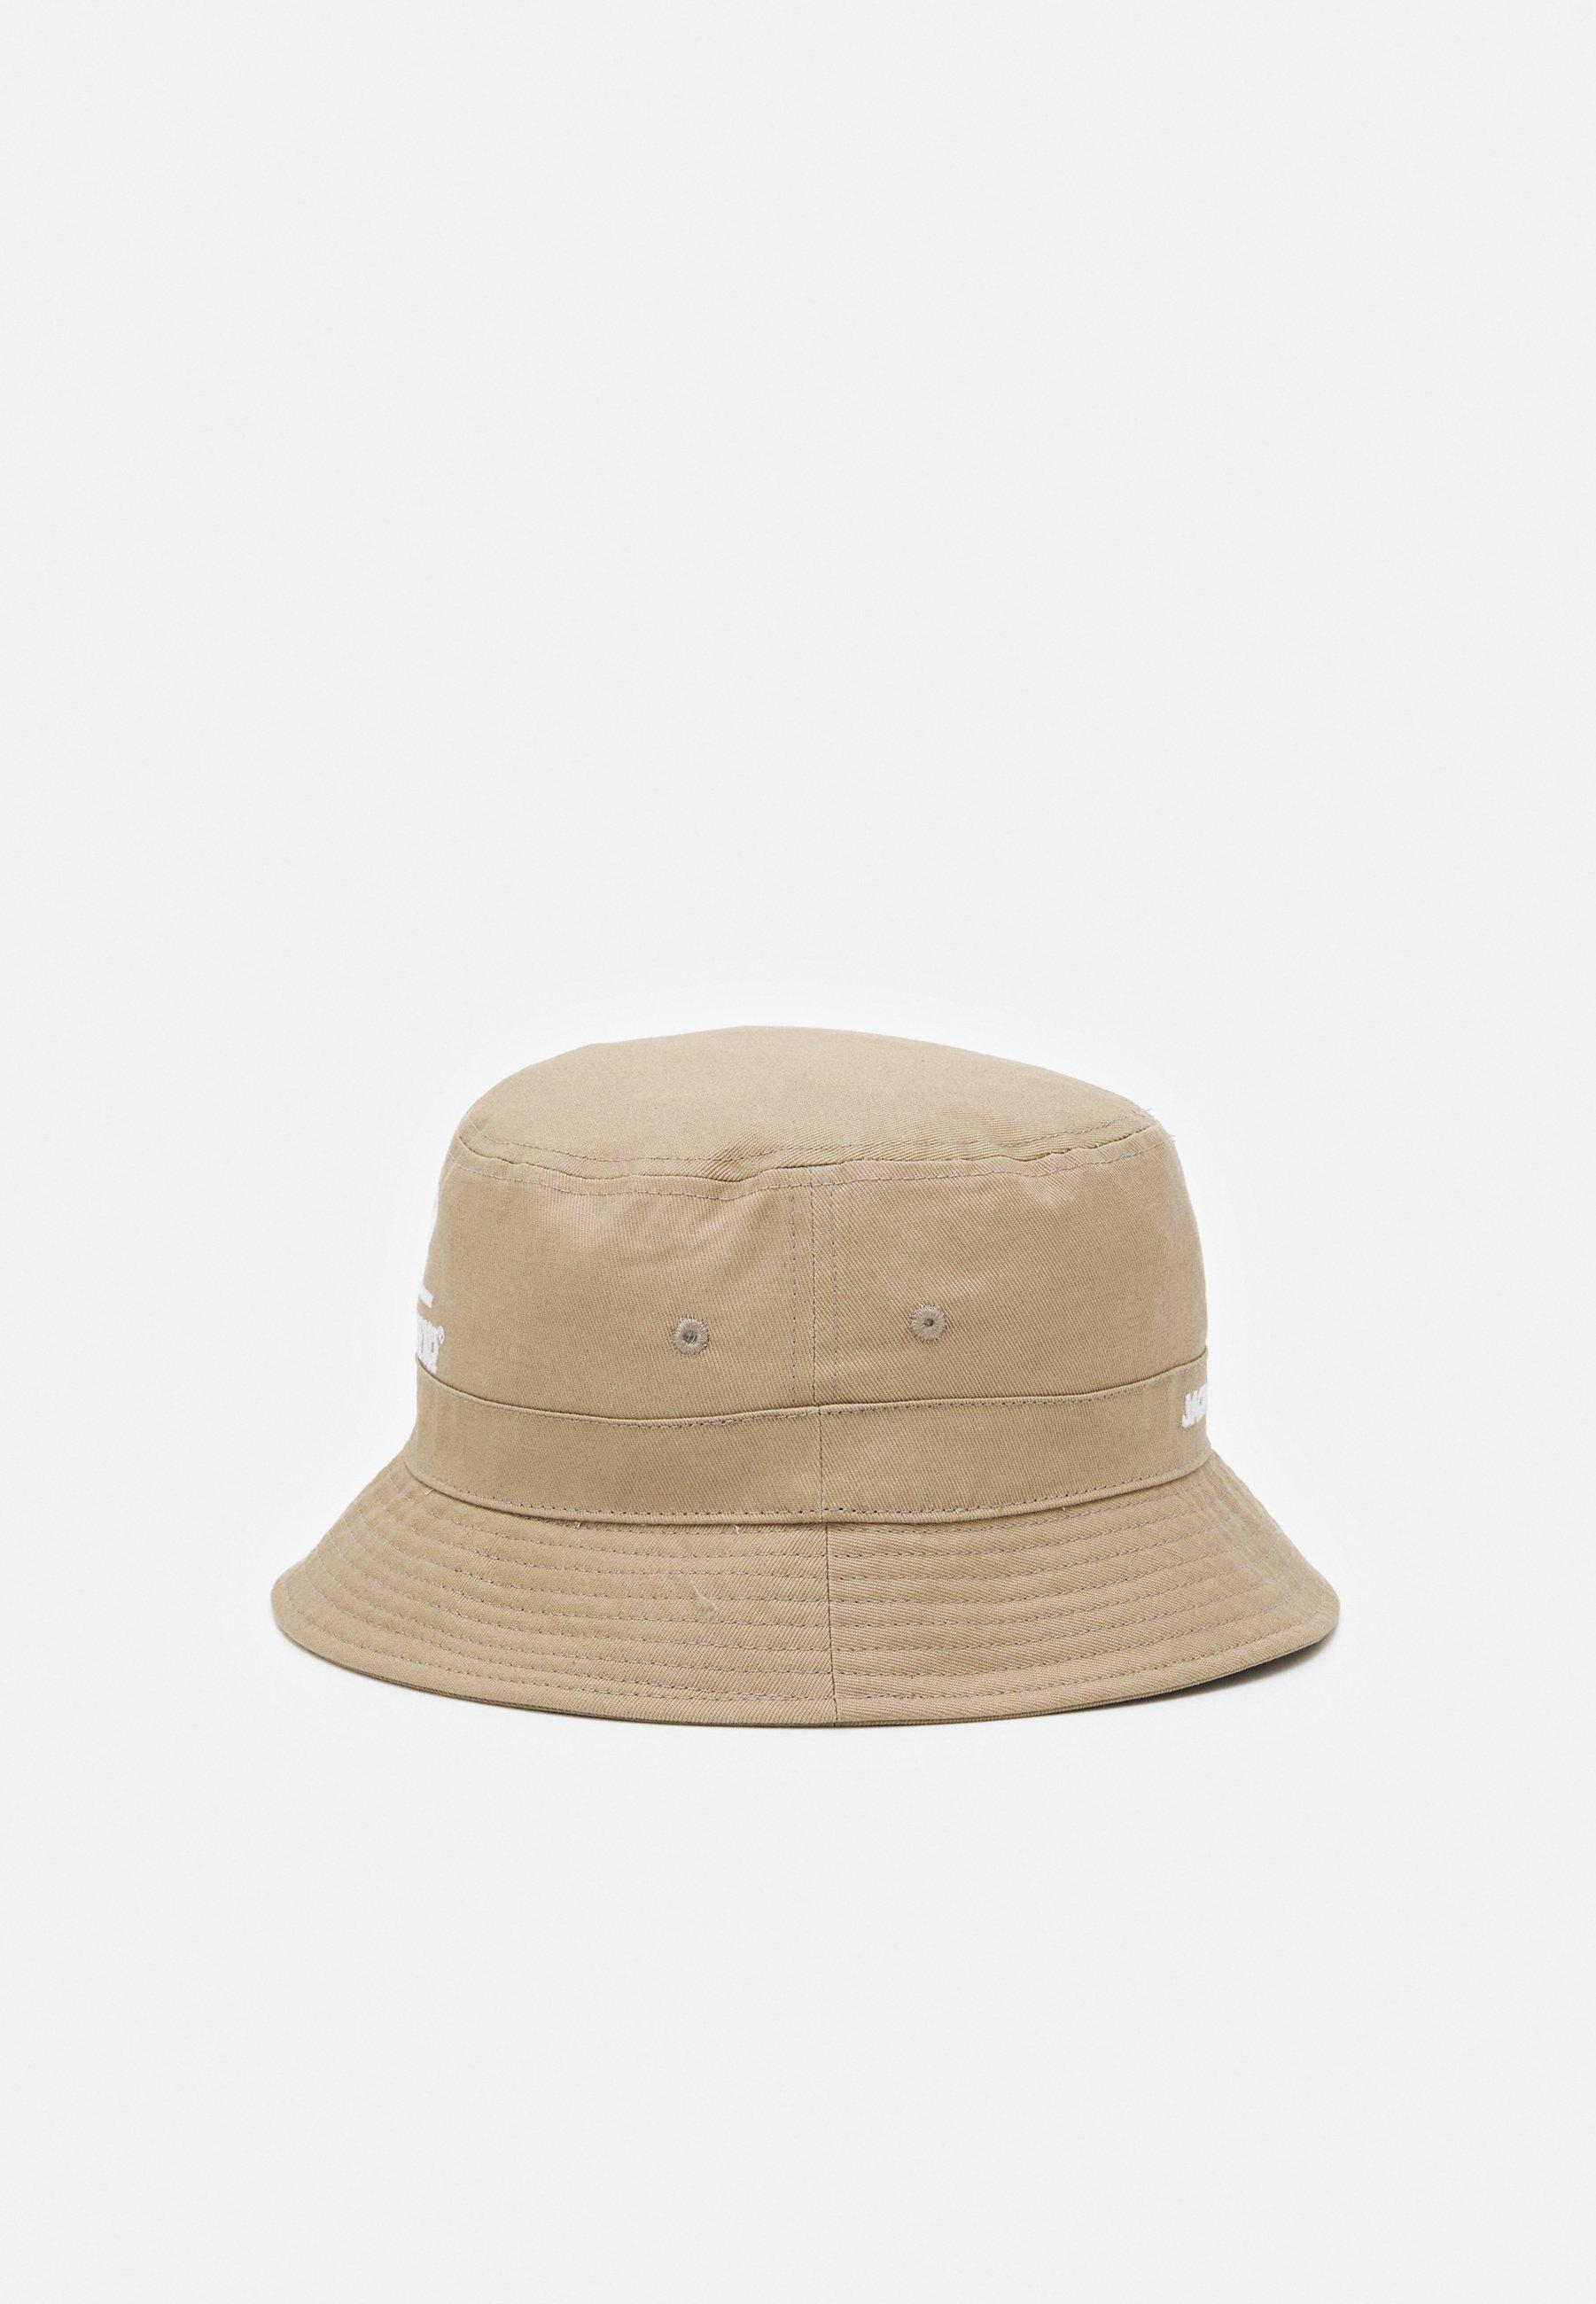 Homme JACNON-VIOLENCE BUCKET HAT - Chapeau